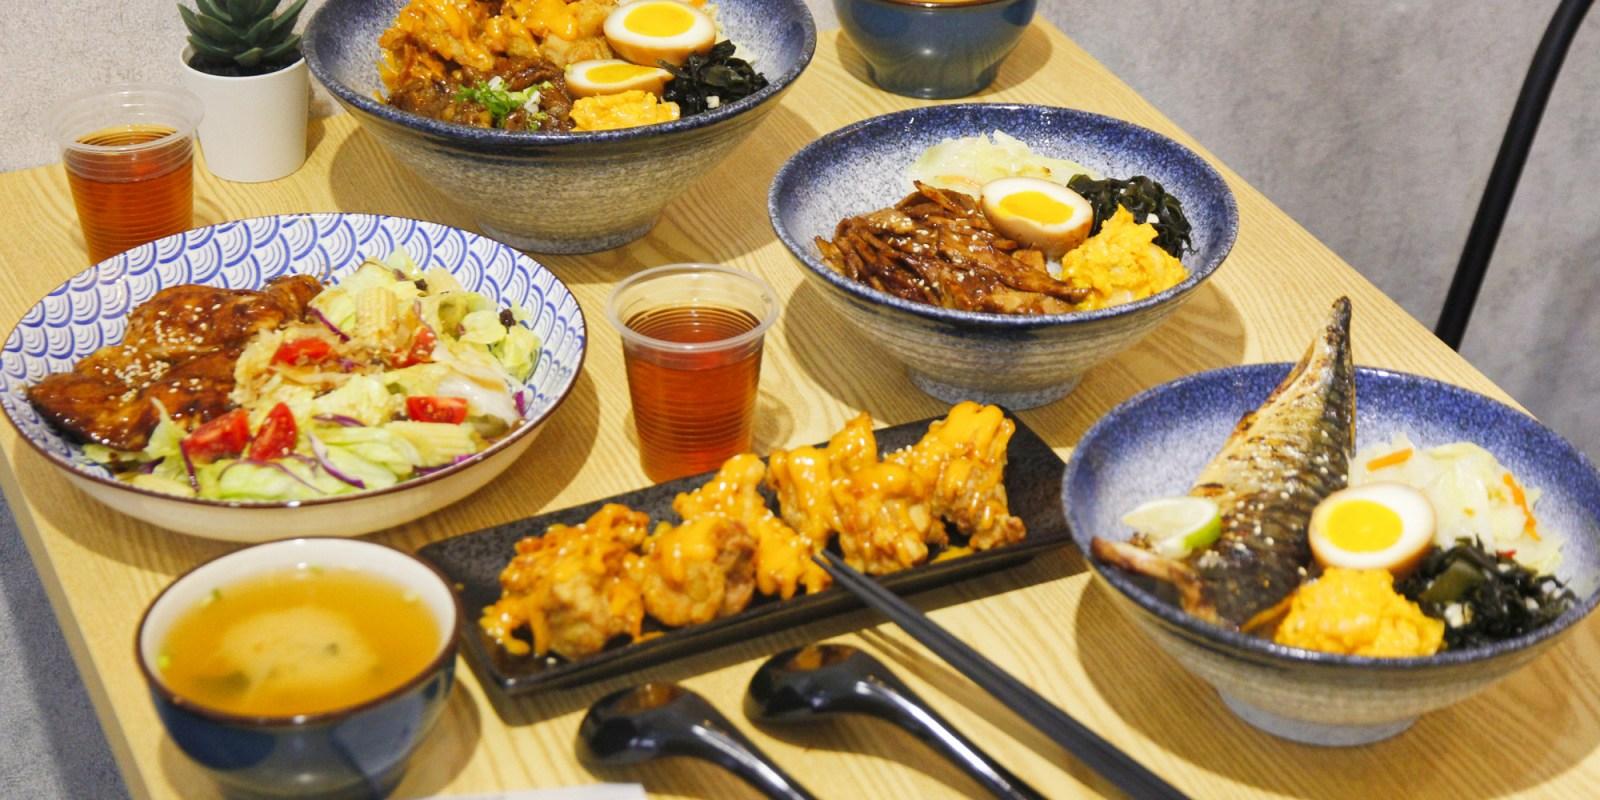 台南育樂街必吃美食,平價就能大口吃肉的「餓了」台式丼飯!